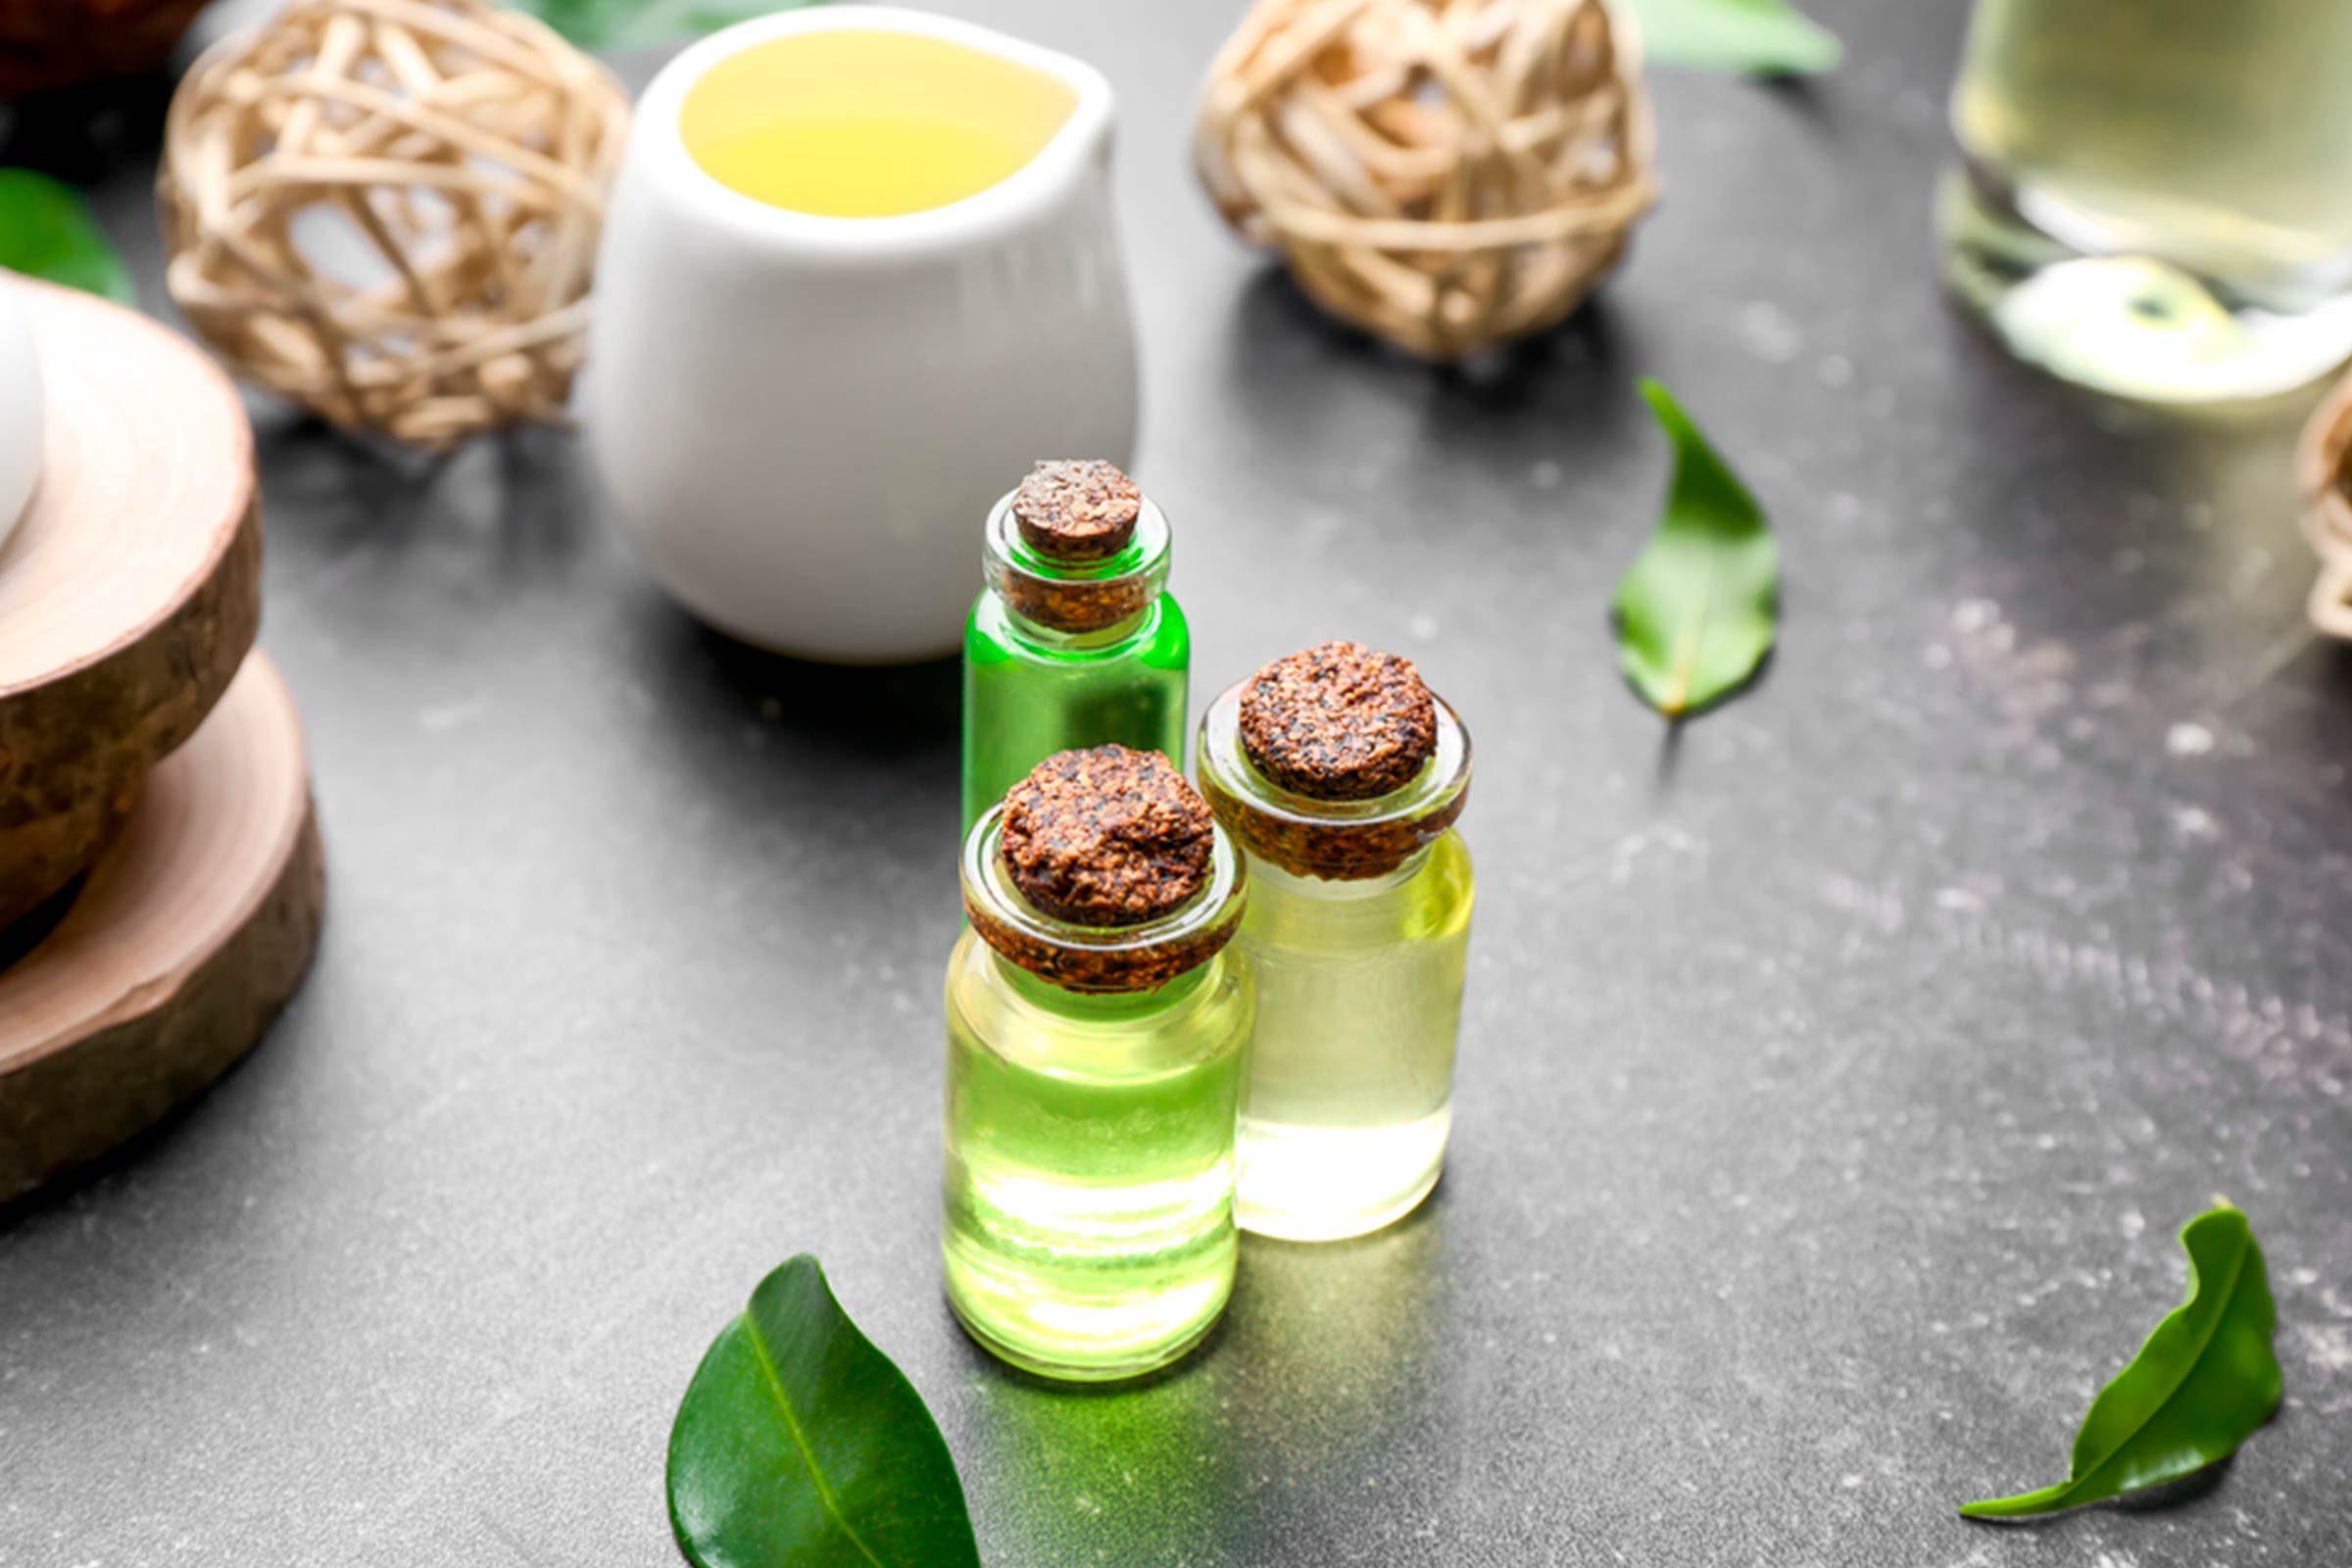 Huiles essentielles: le melaleuca pour guérir le rhume et la grippe